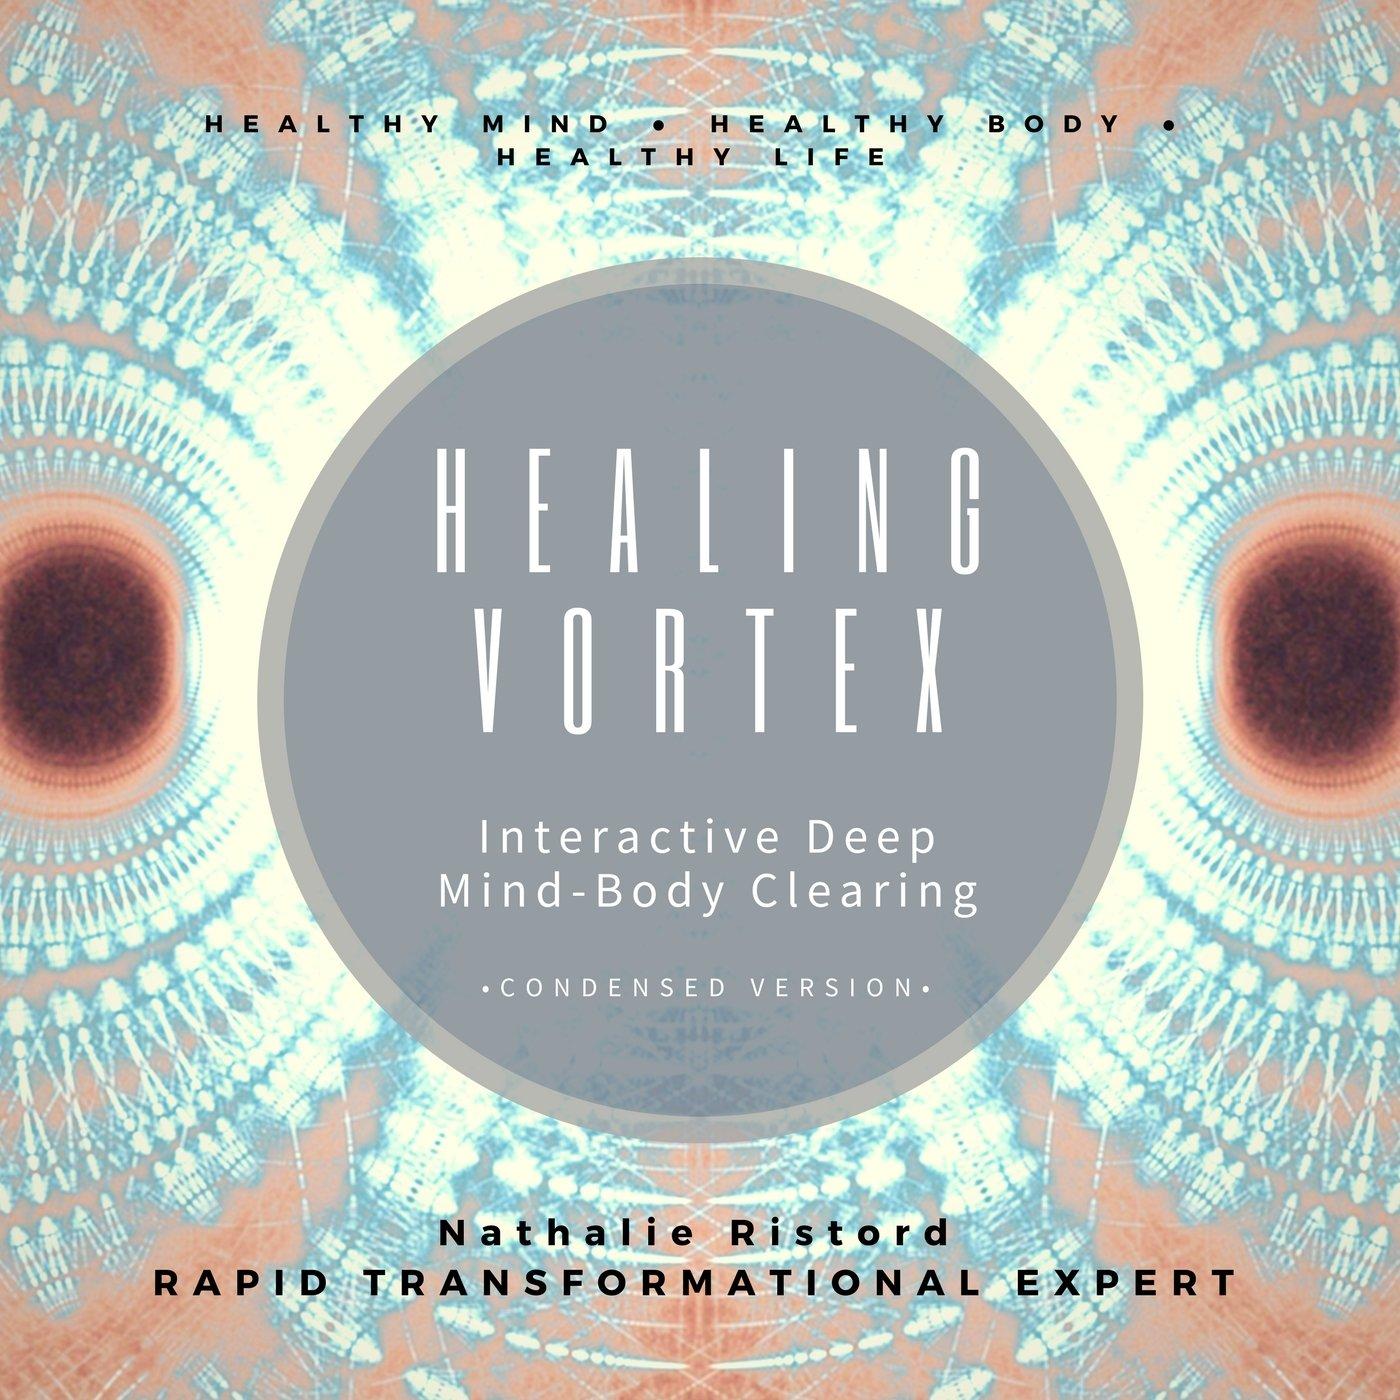 Healing Vortex Interactive Body Mind Clearing Condensed Version